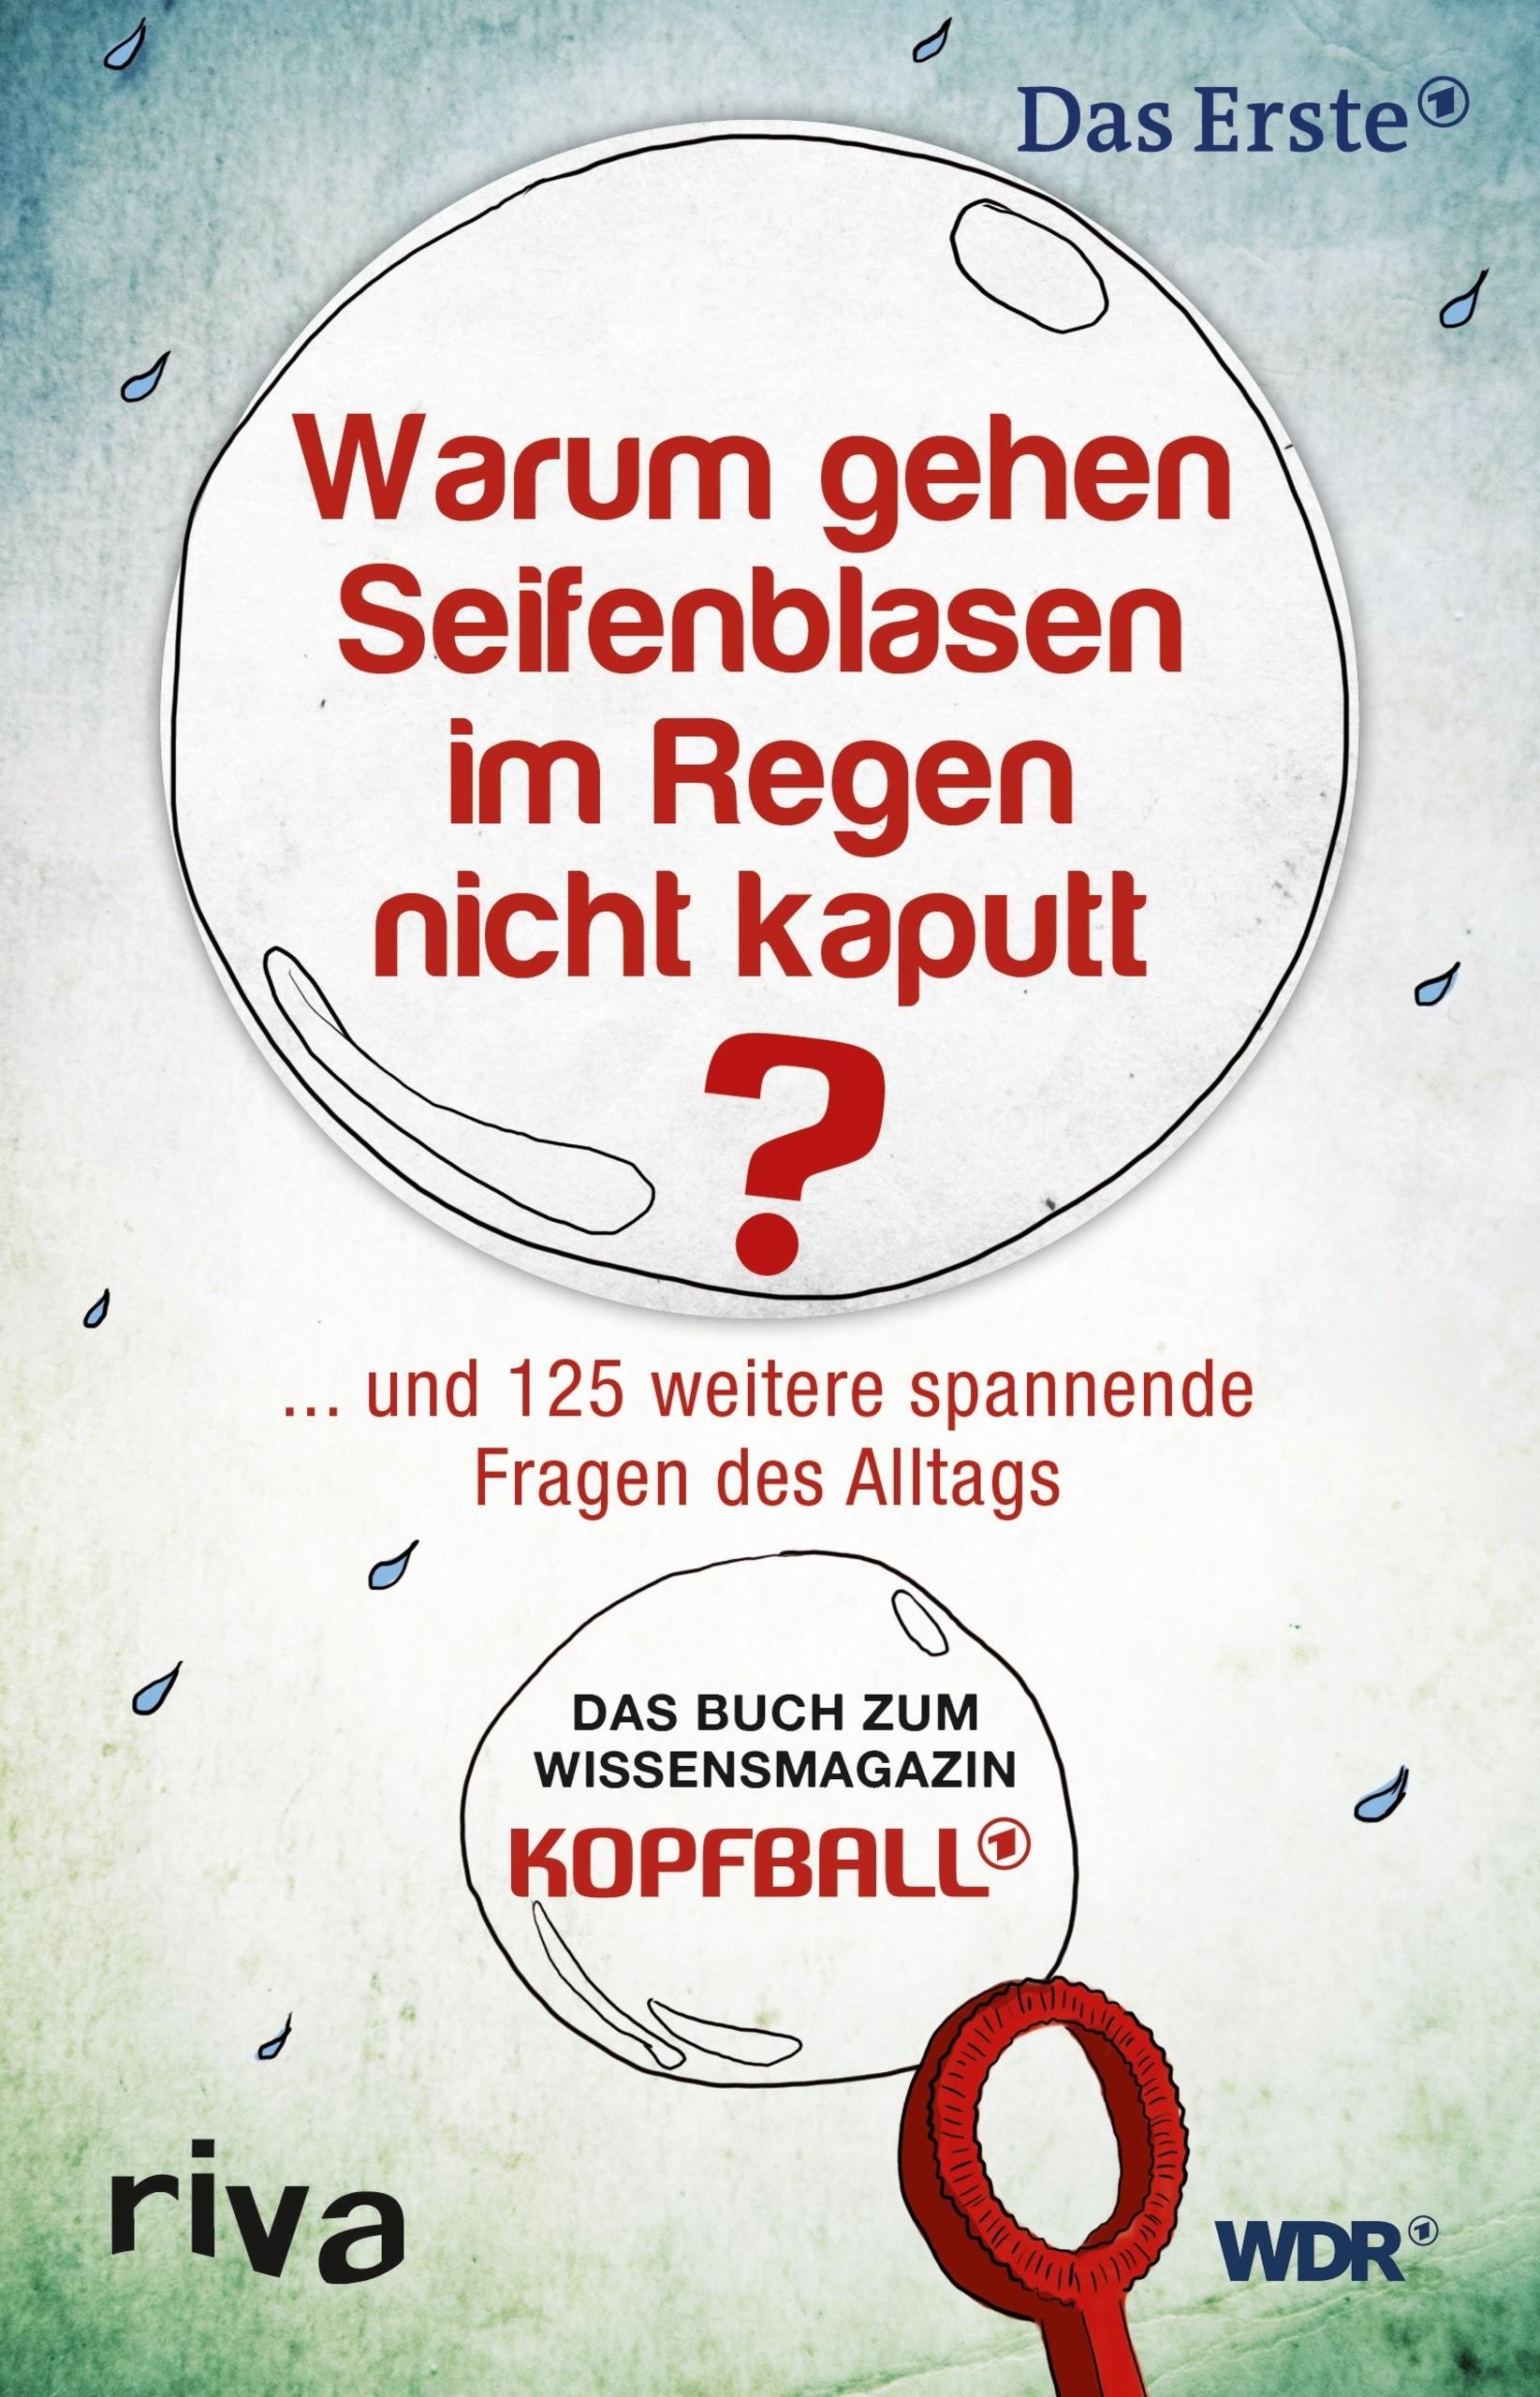 Warum gehen Seifenblasen im Regen nicht kaputt   Müller, 2014   Buch (Cover)